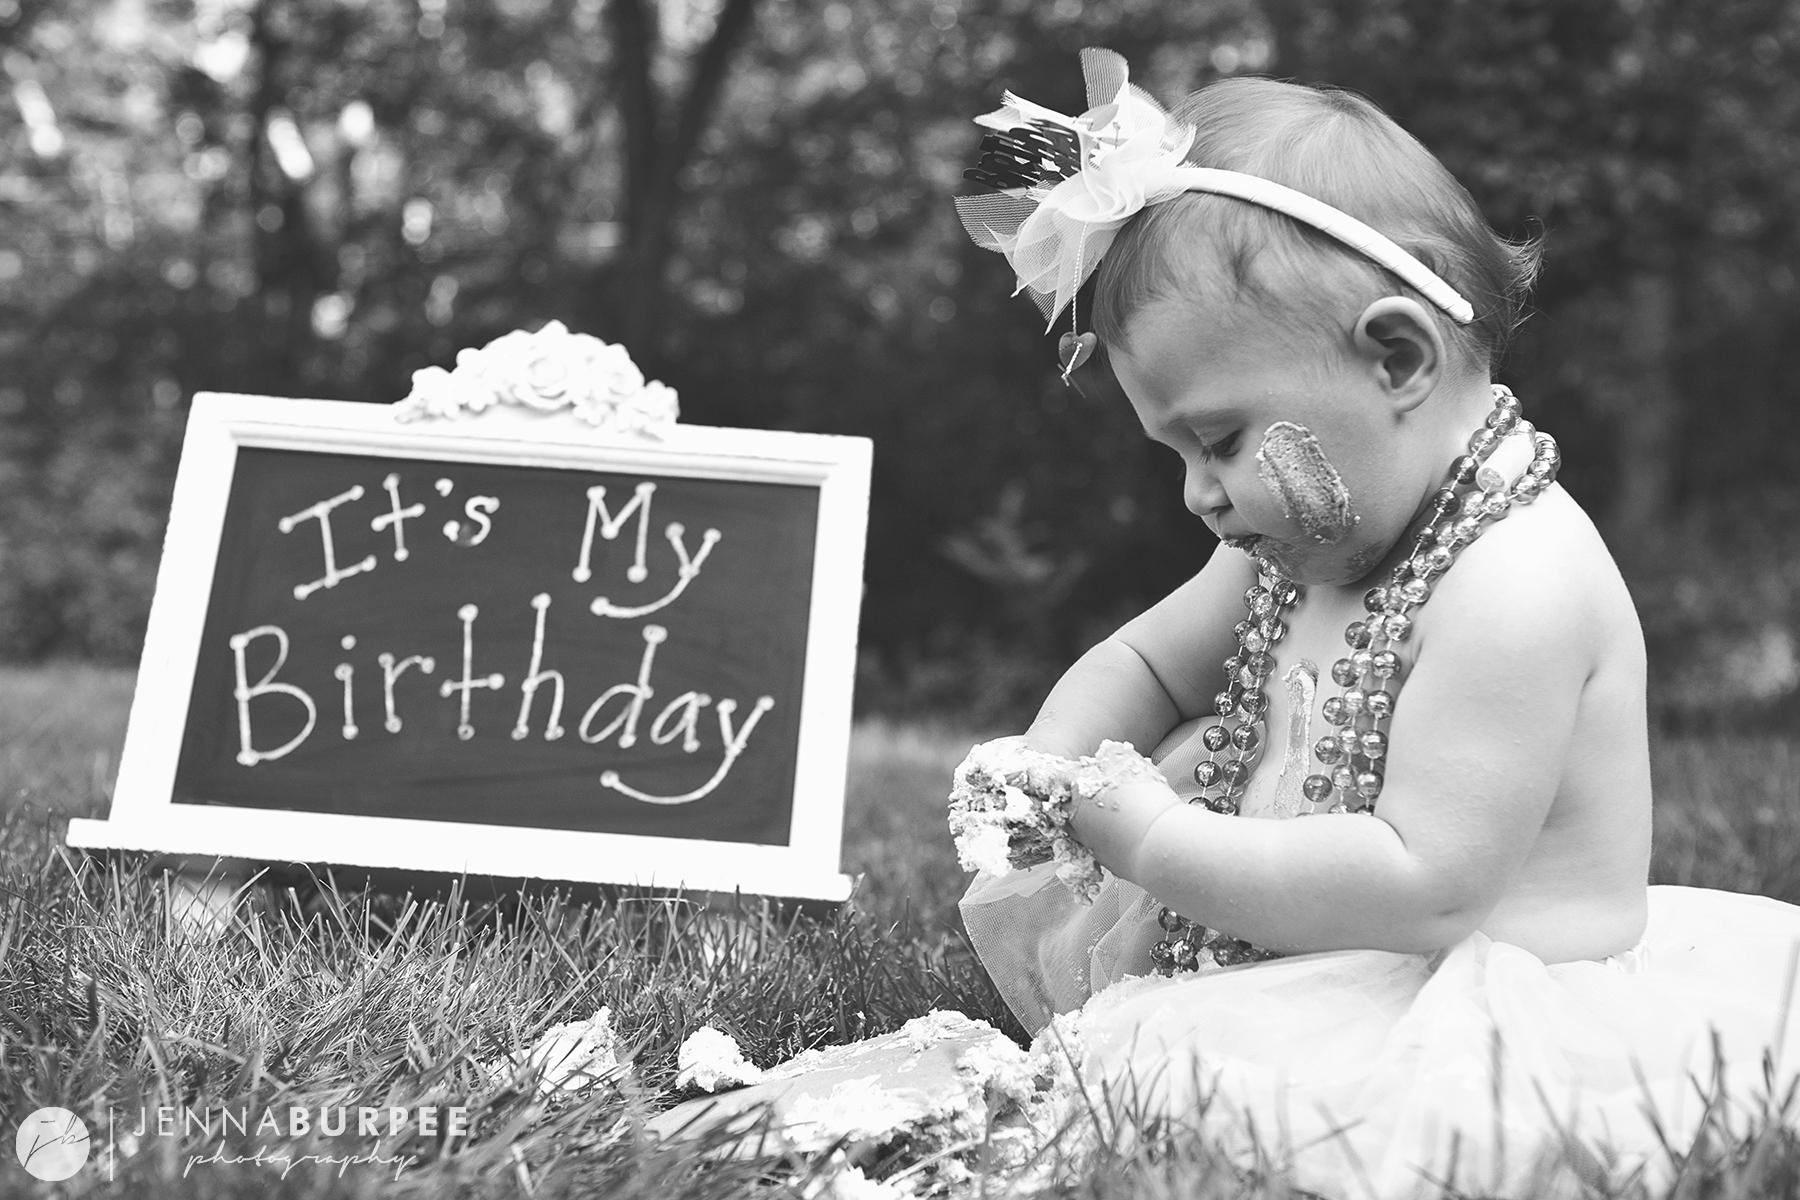 BabyAlex_CakeSmash11